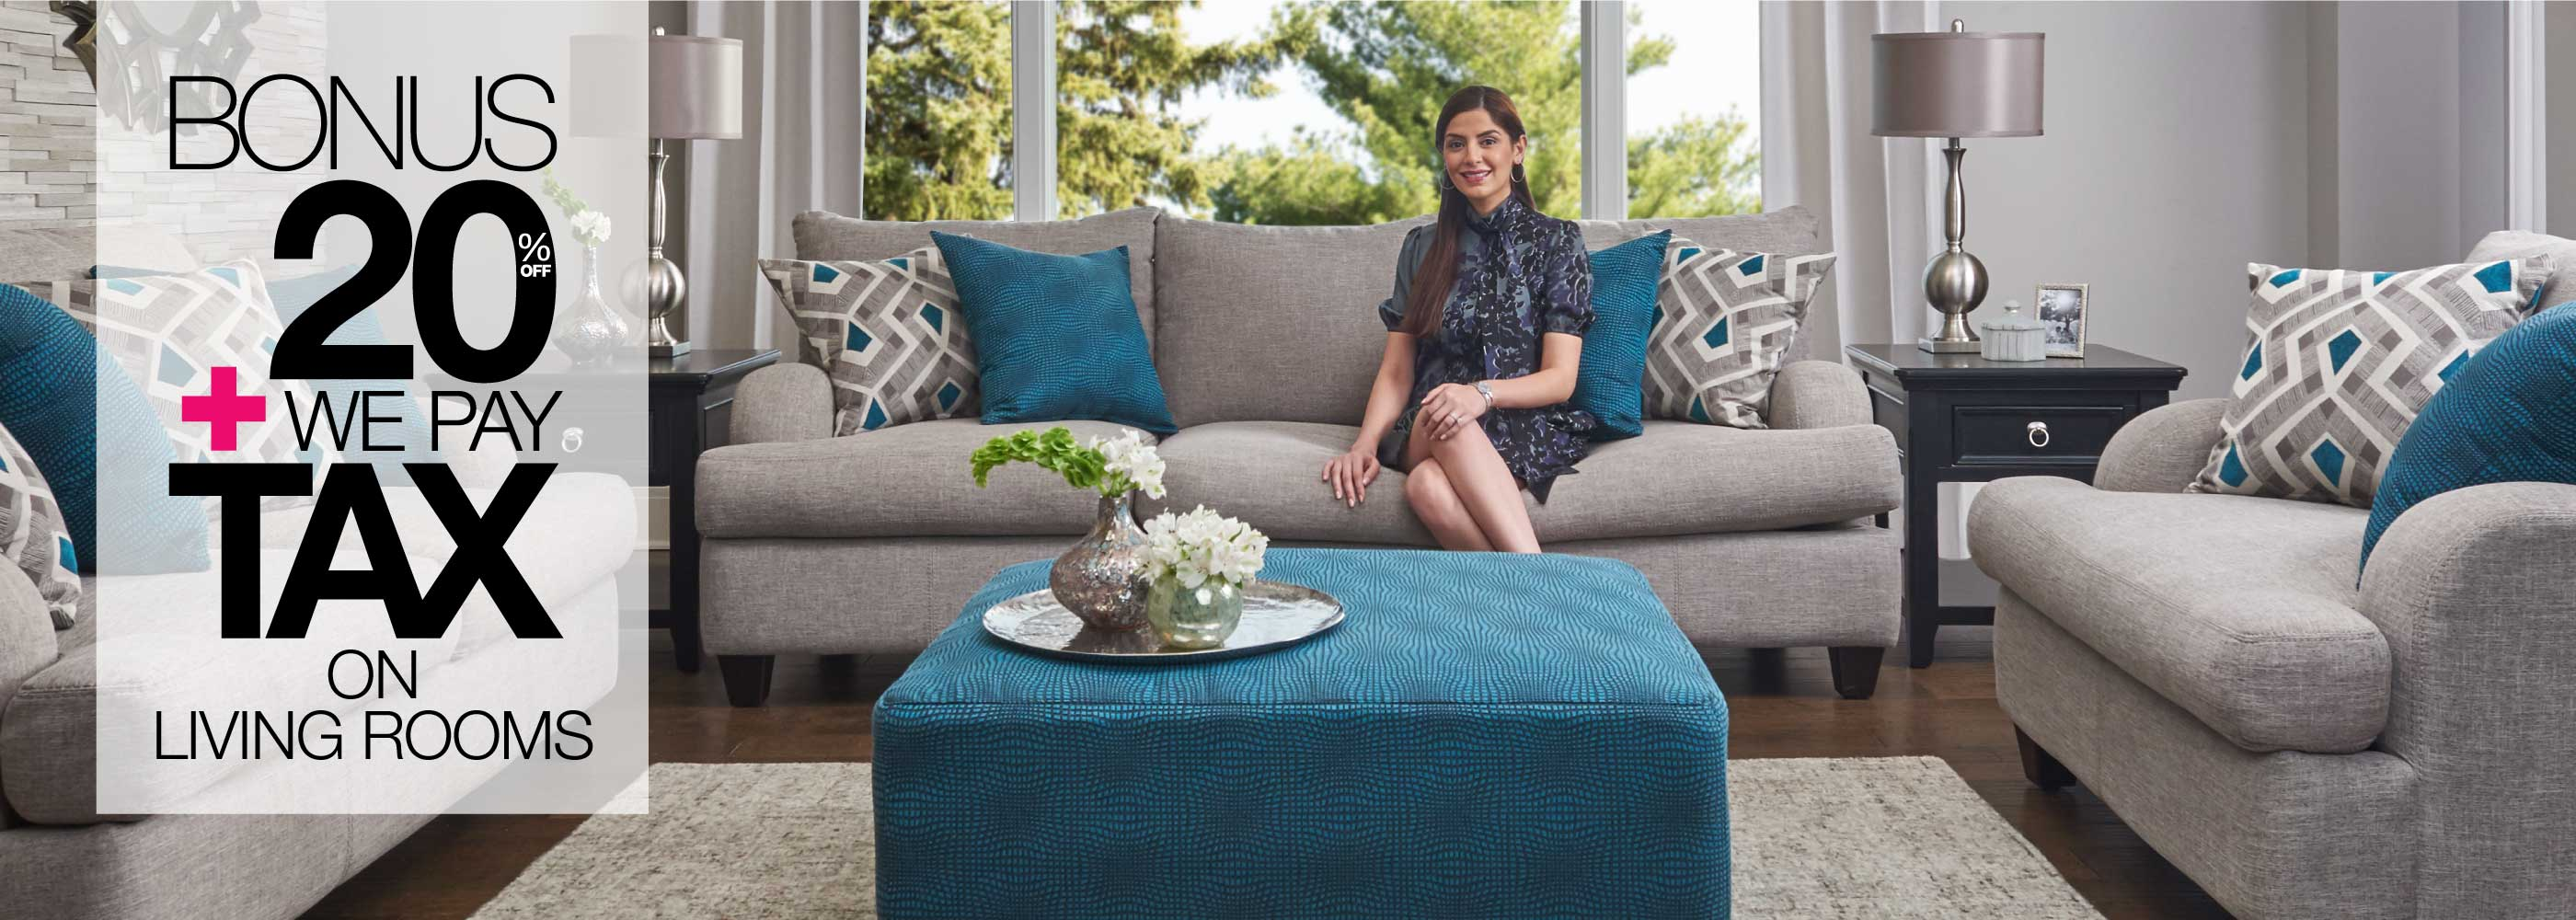 Nationwide Furniture Detroit Best Image Middleburgarts